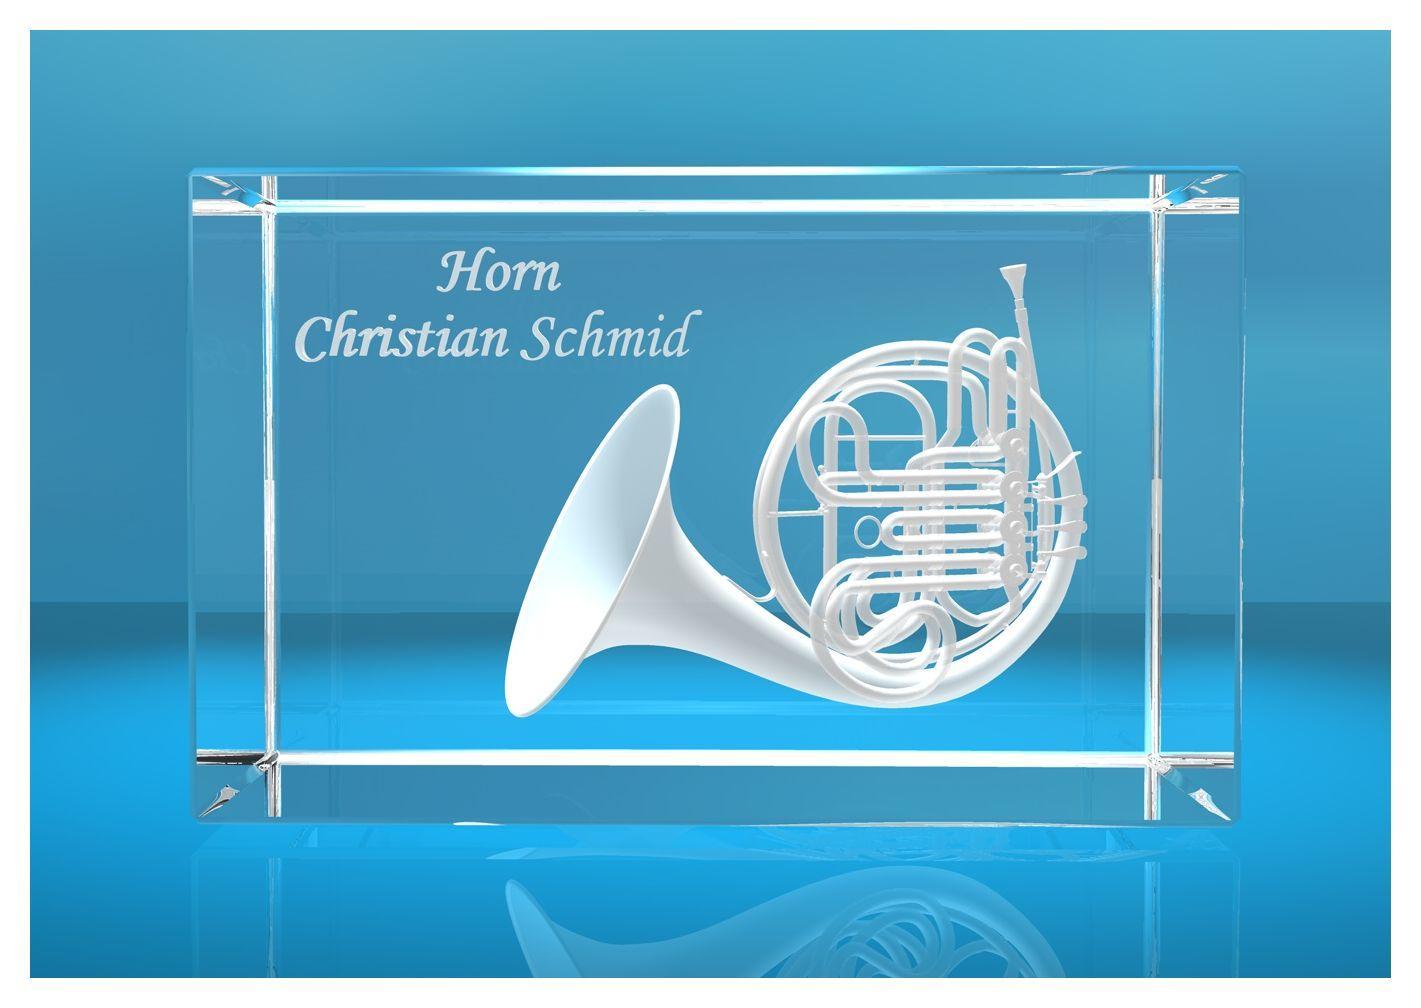 3D Glasquader |Horn mit Wunschnamen | Geschenk für Hornspieler Musiker